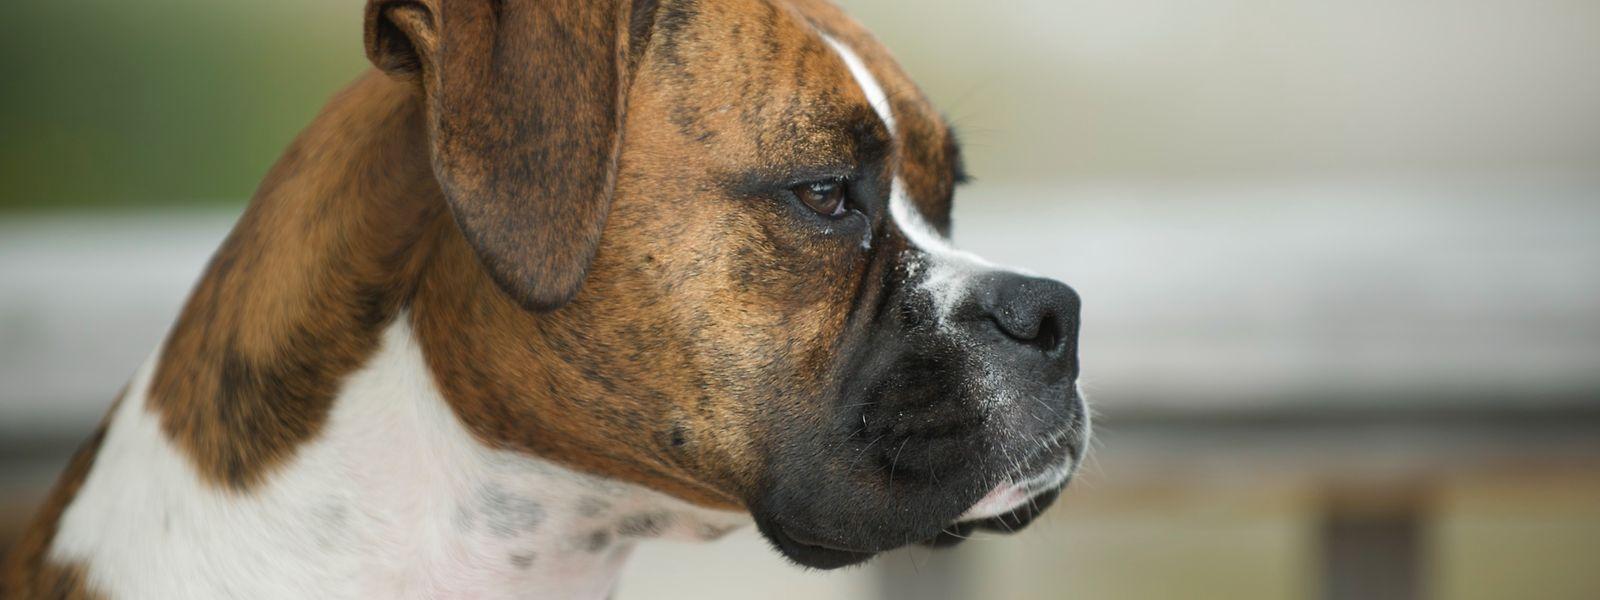 Kay Newmans Hund, ein Boxer namens Duke, überlebte den Flug mit Qantas Airways nicht.